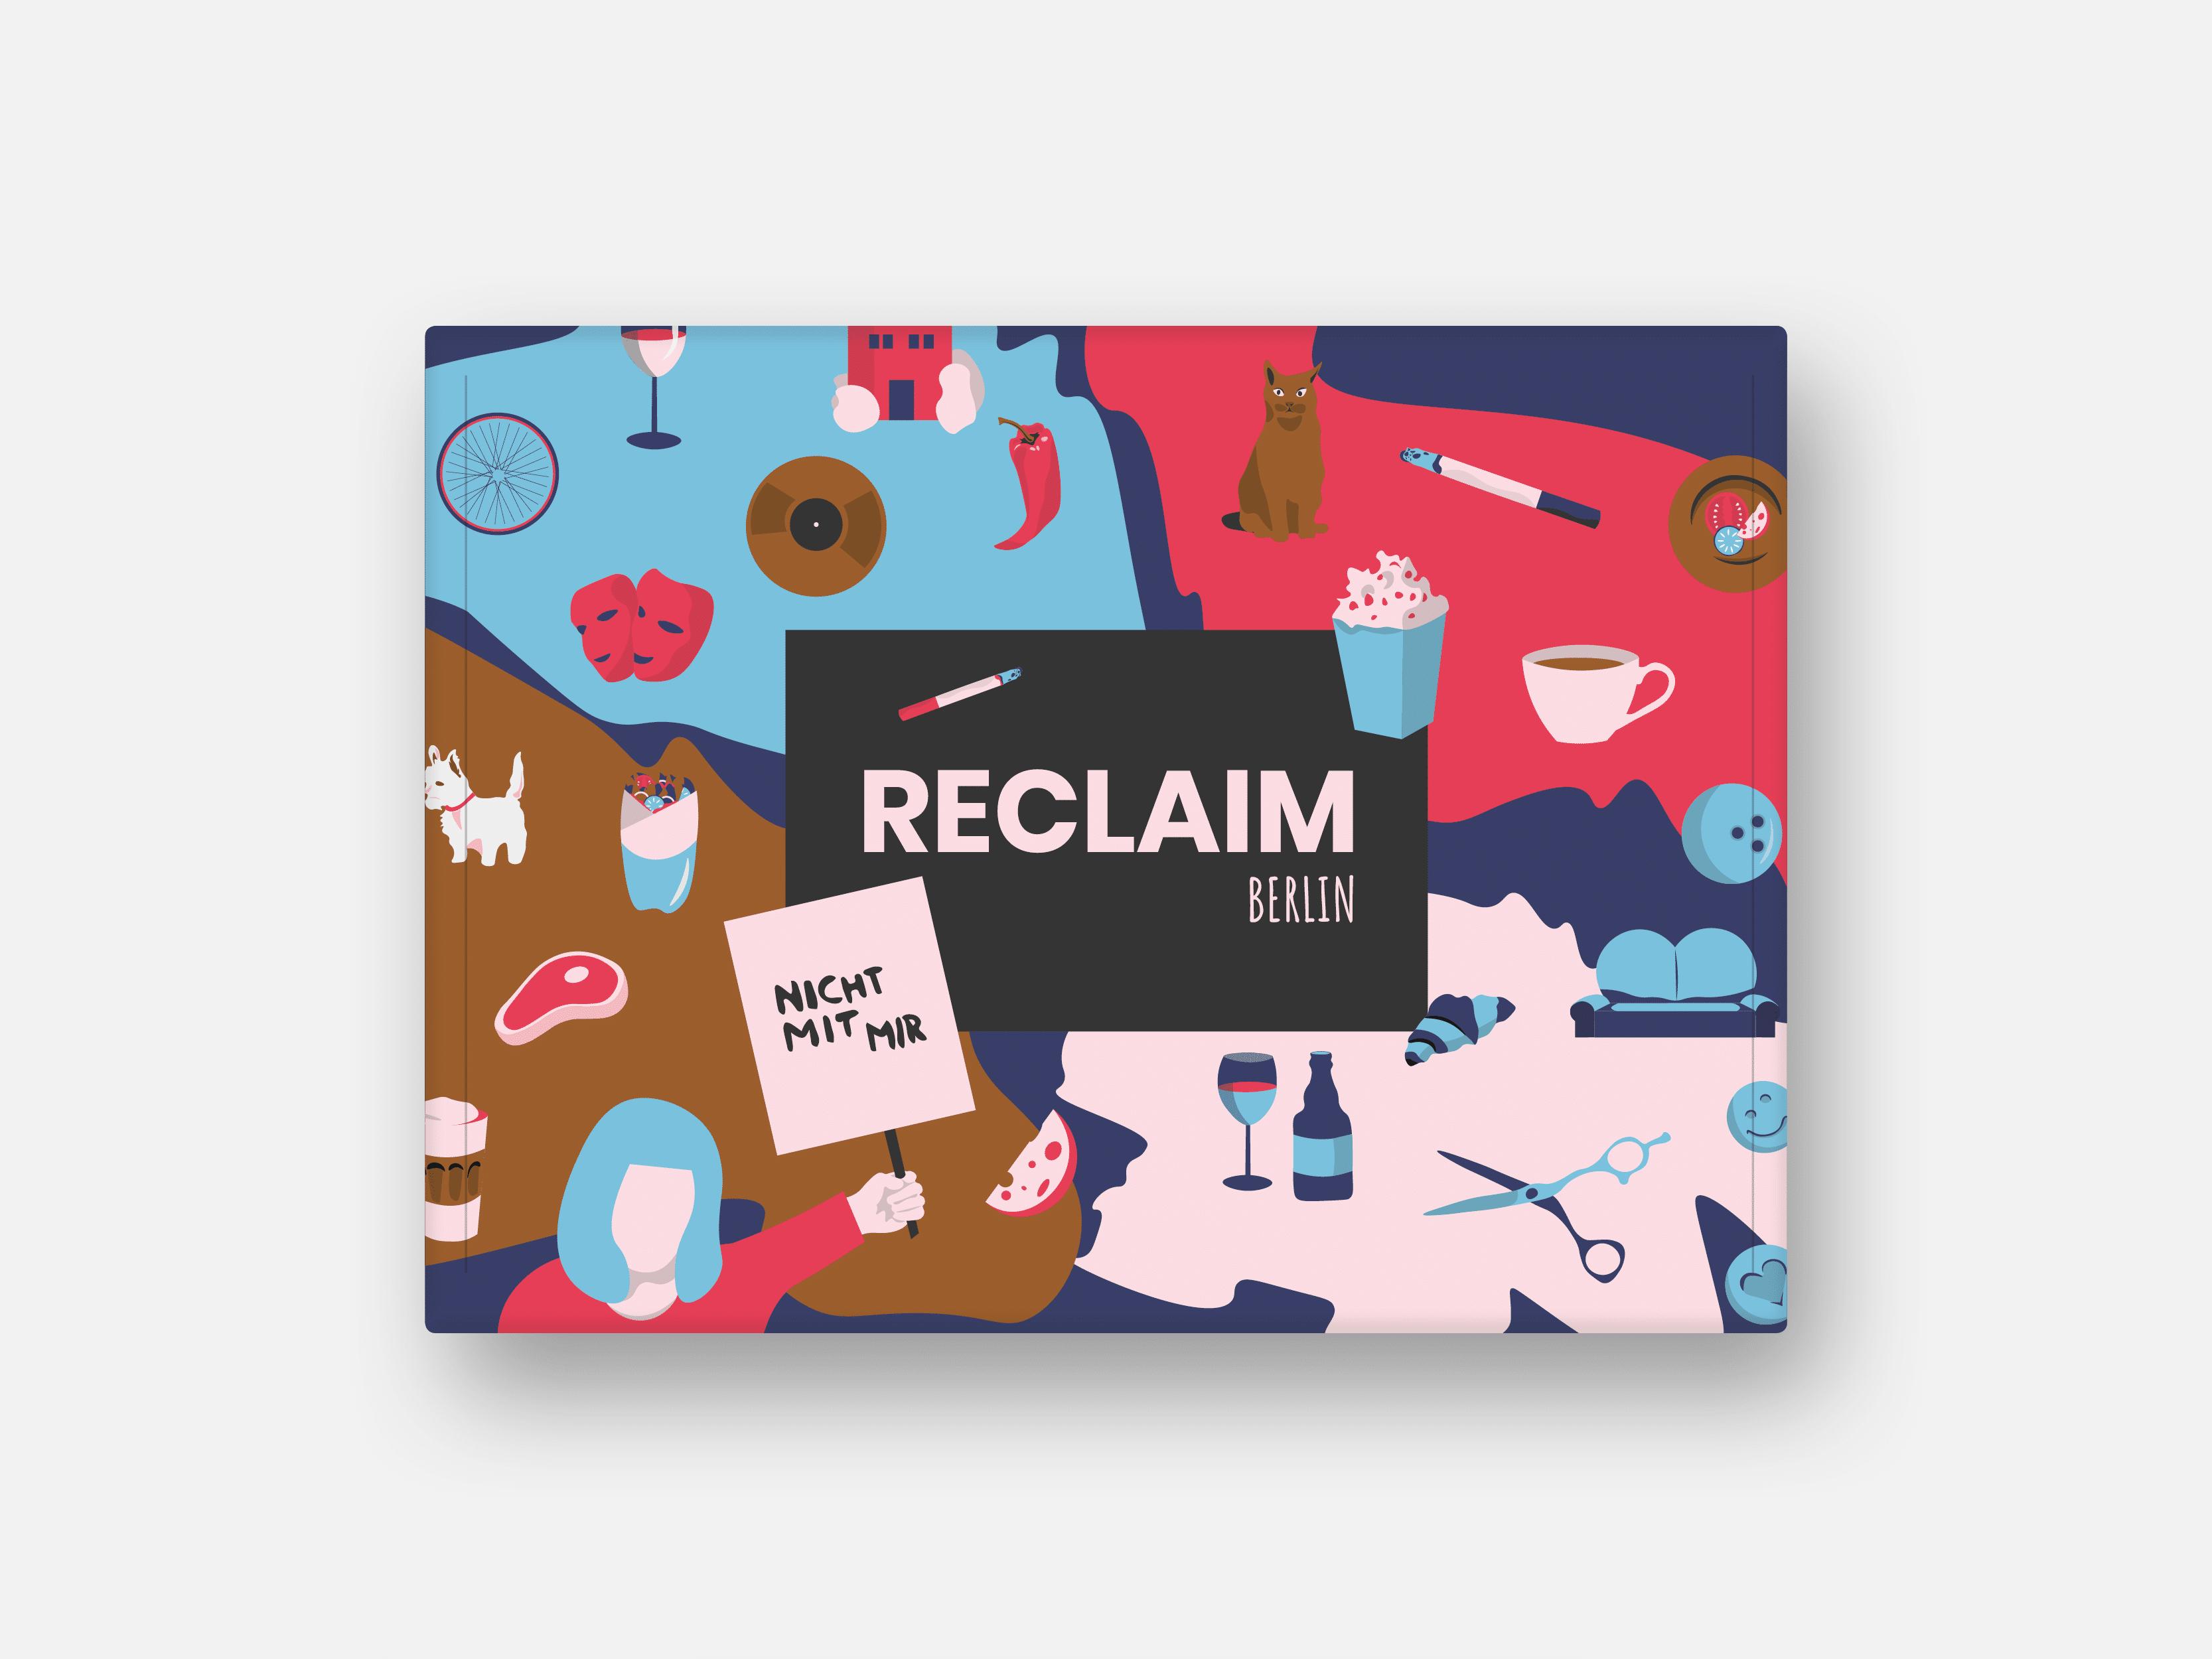 Verpackungsbox Reclaim